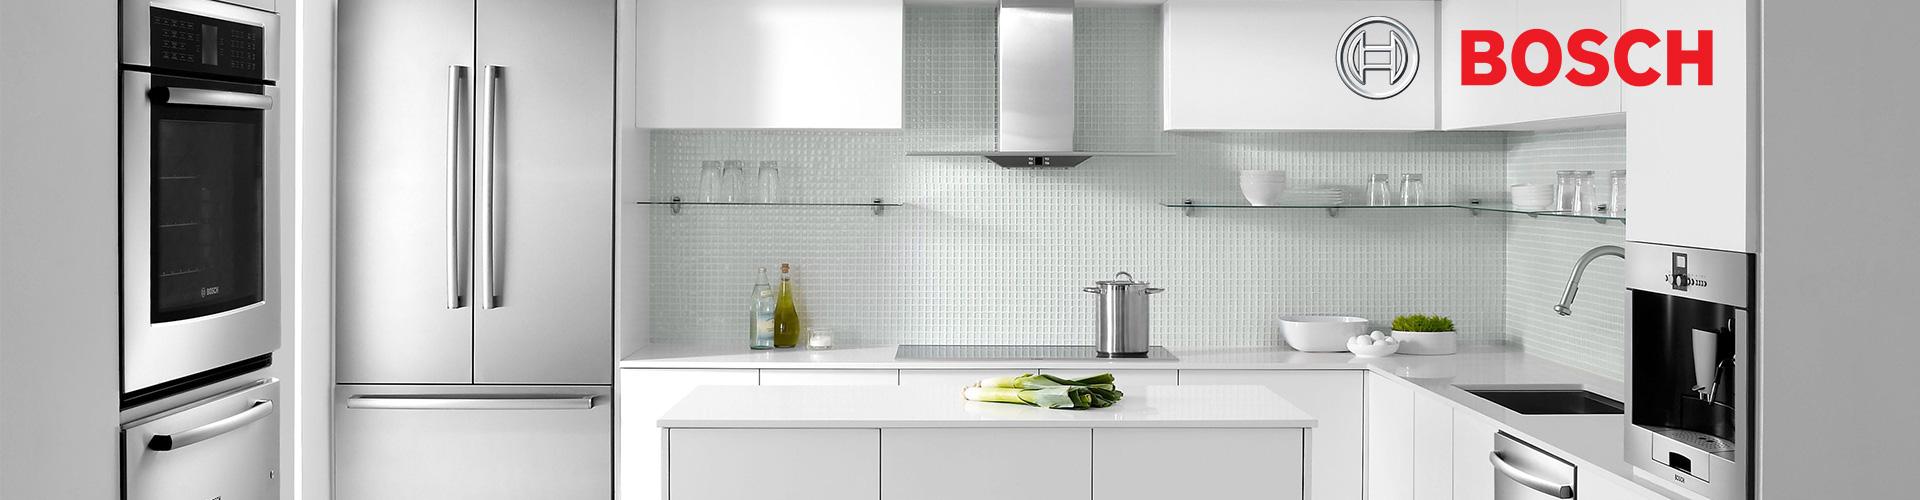 5-آشپزخانه بوش